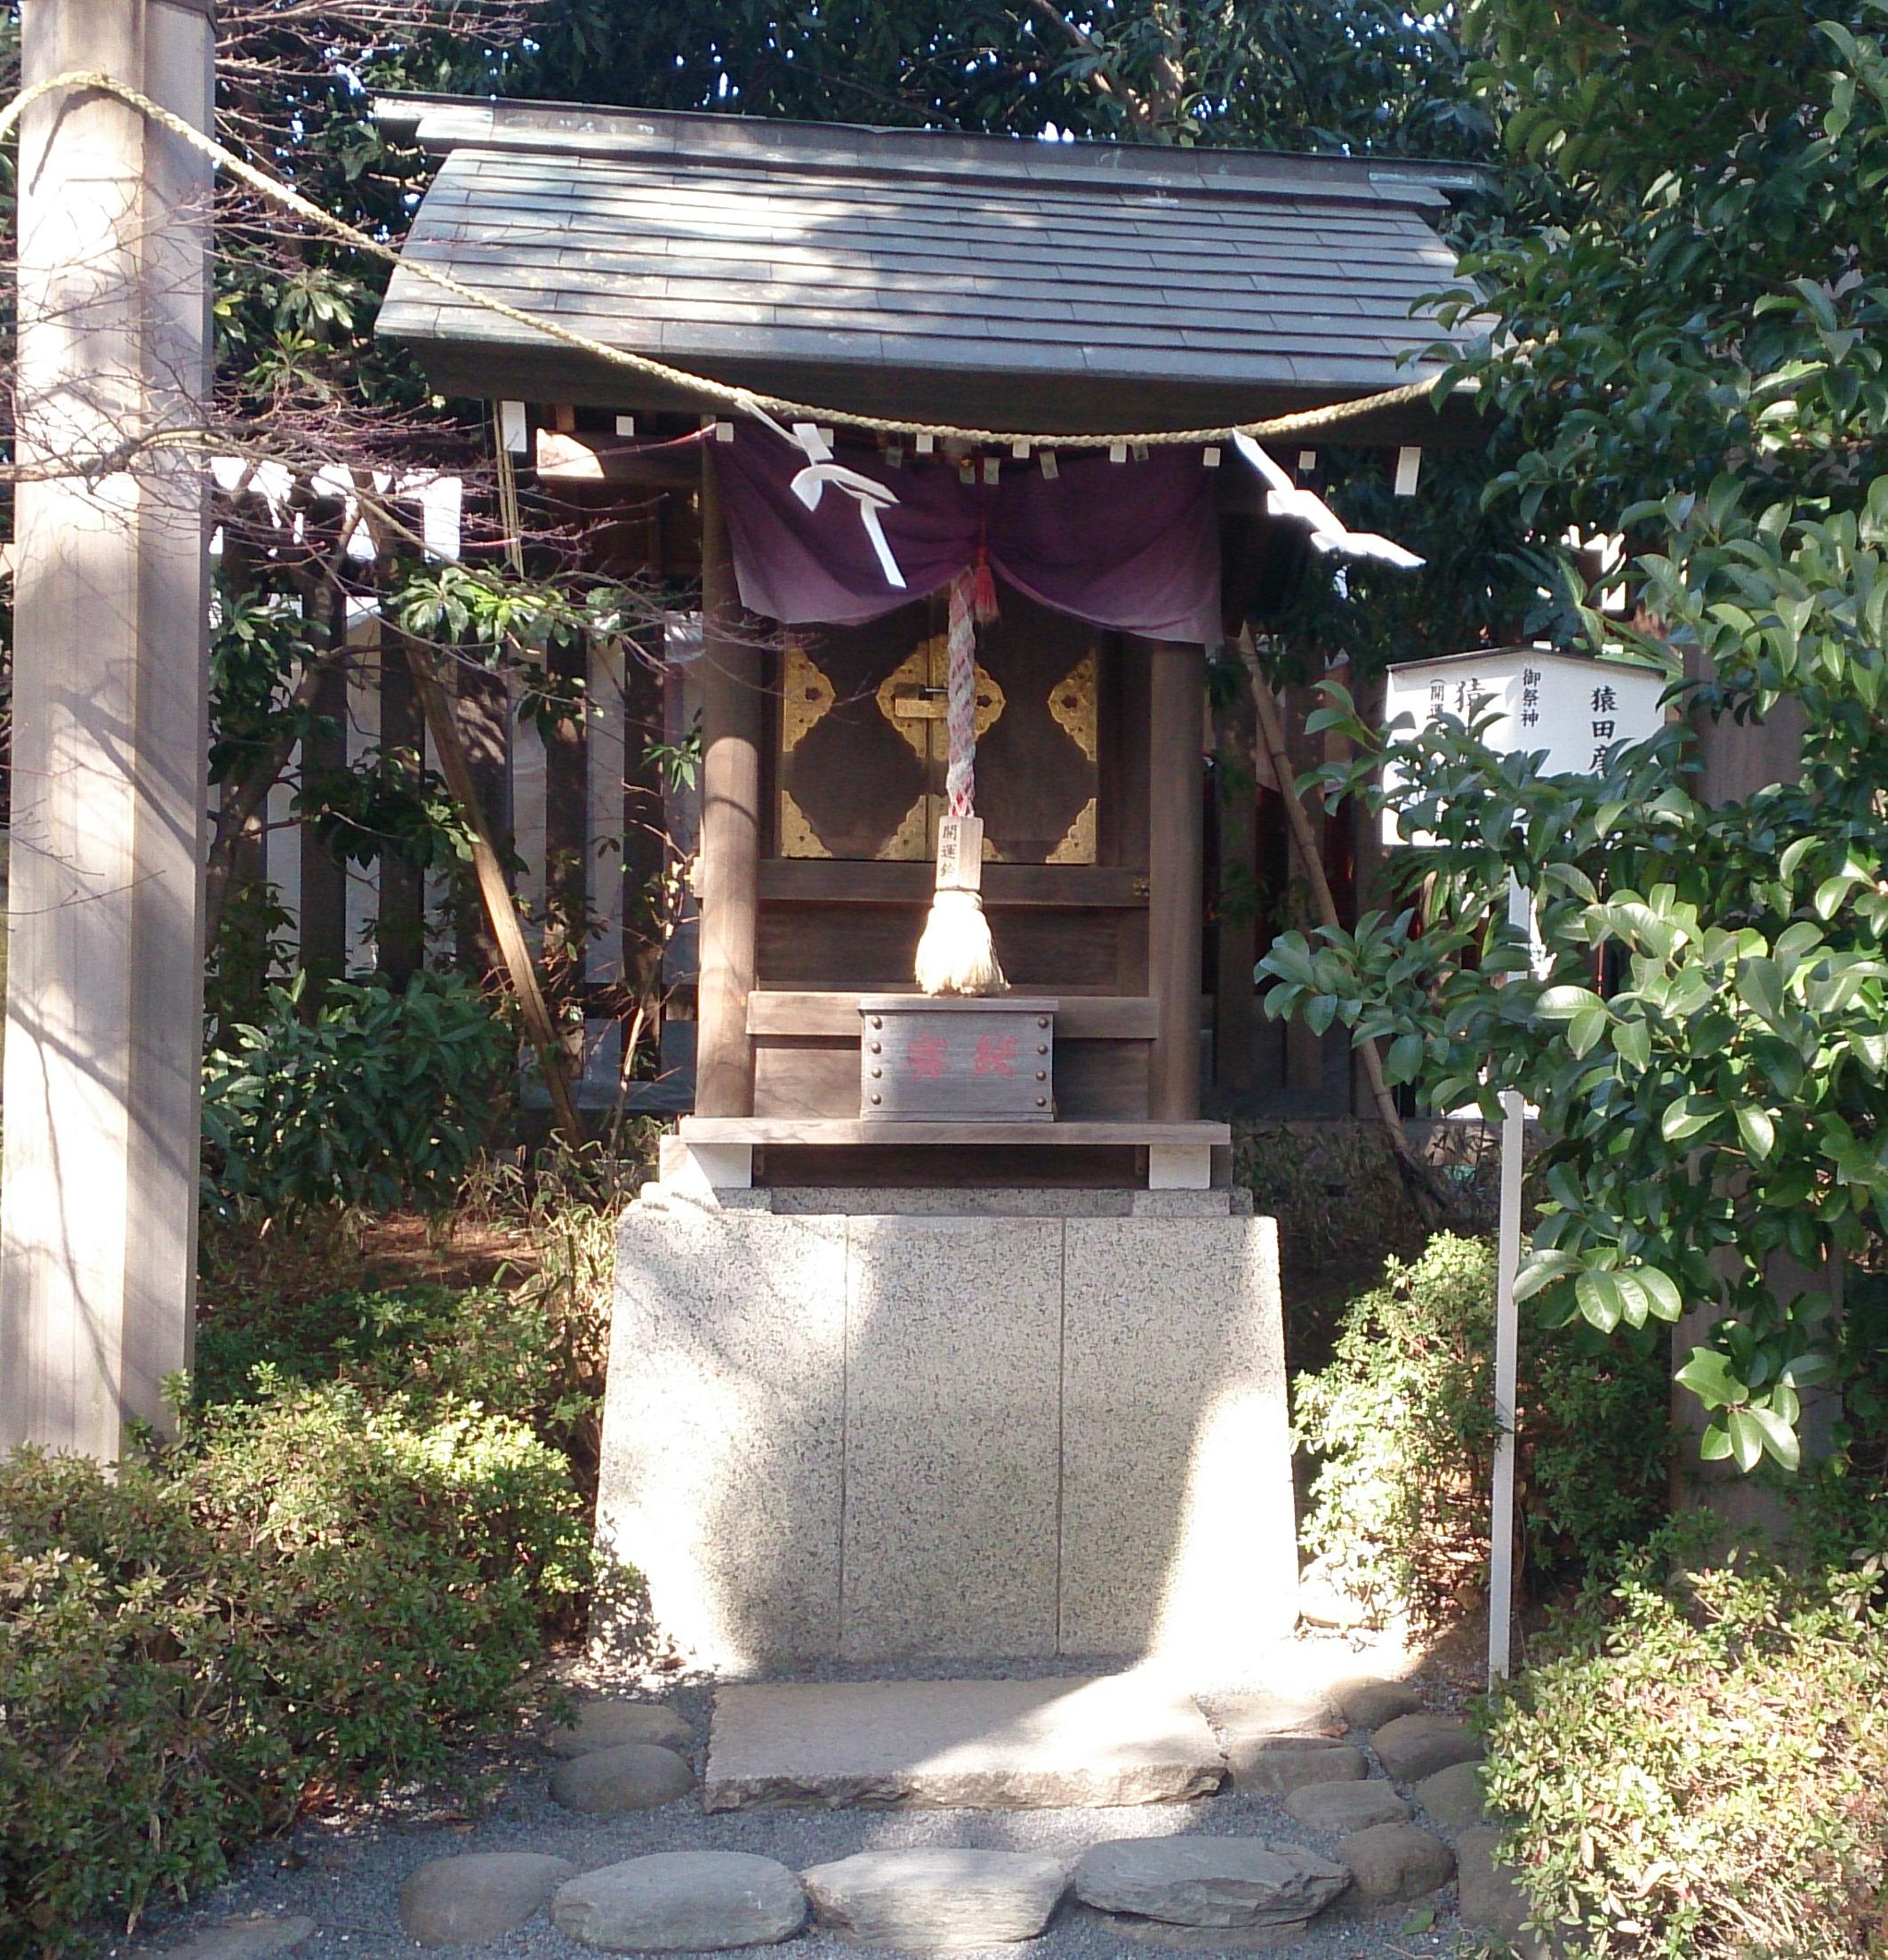 阿佐ヶ谷神明宮のパワースポット